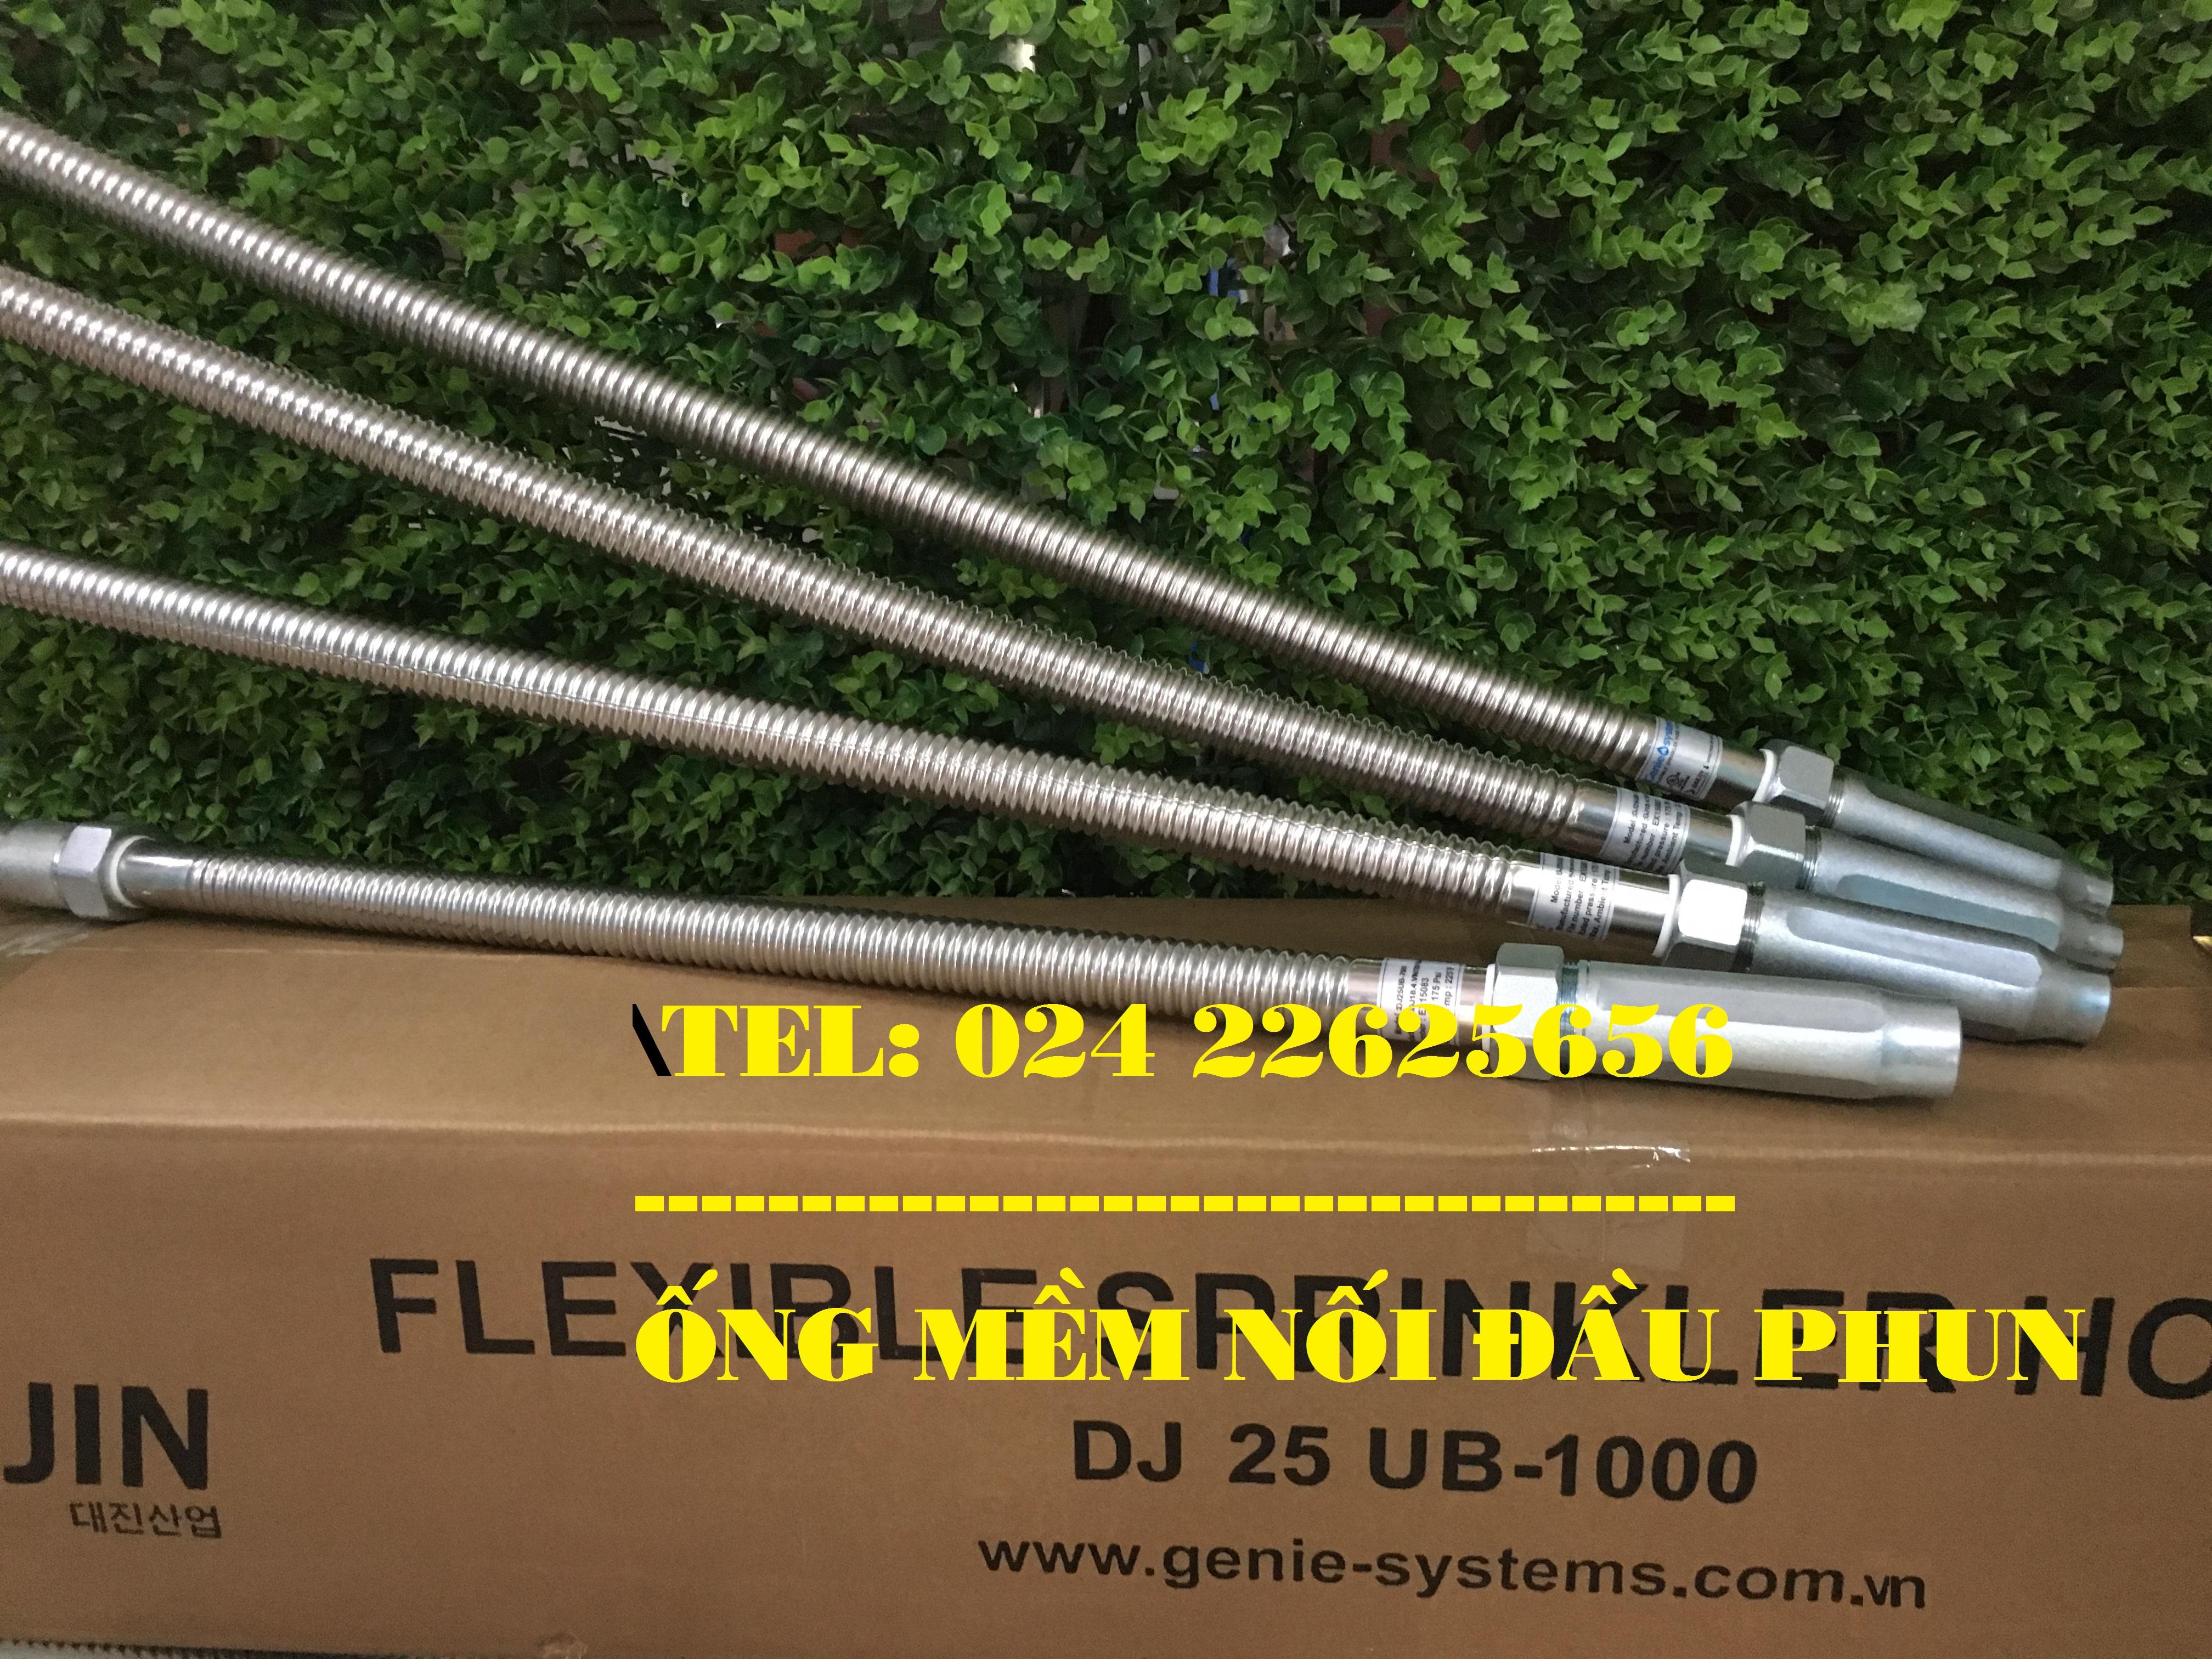 Ống mềm nối đầu phun chữa cháy DJ25UB1500